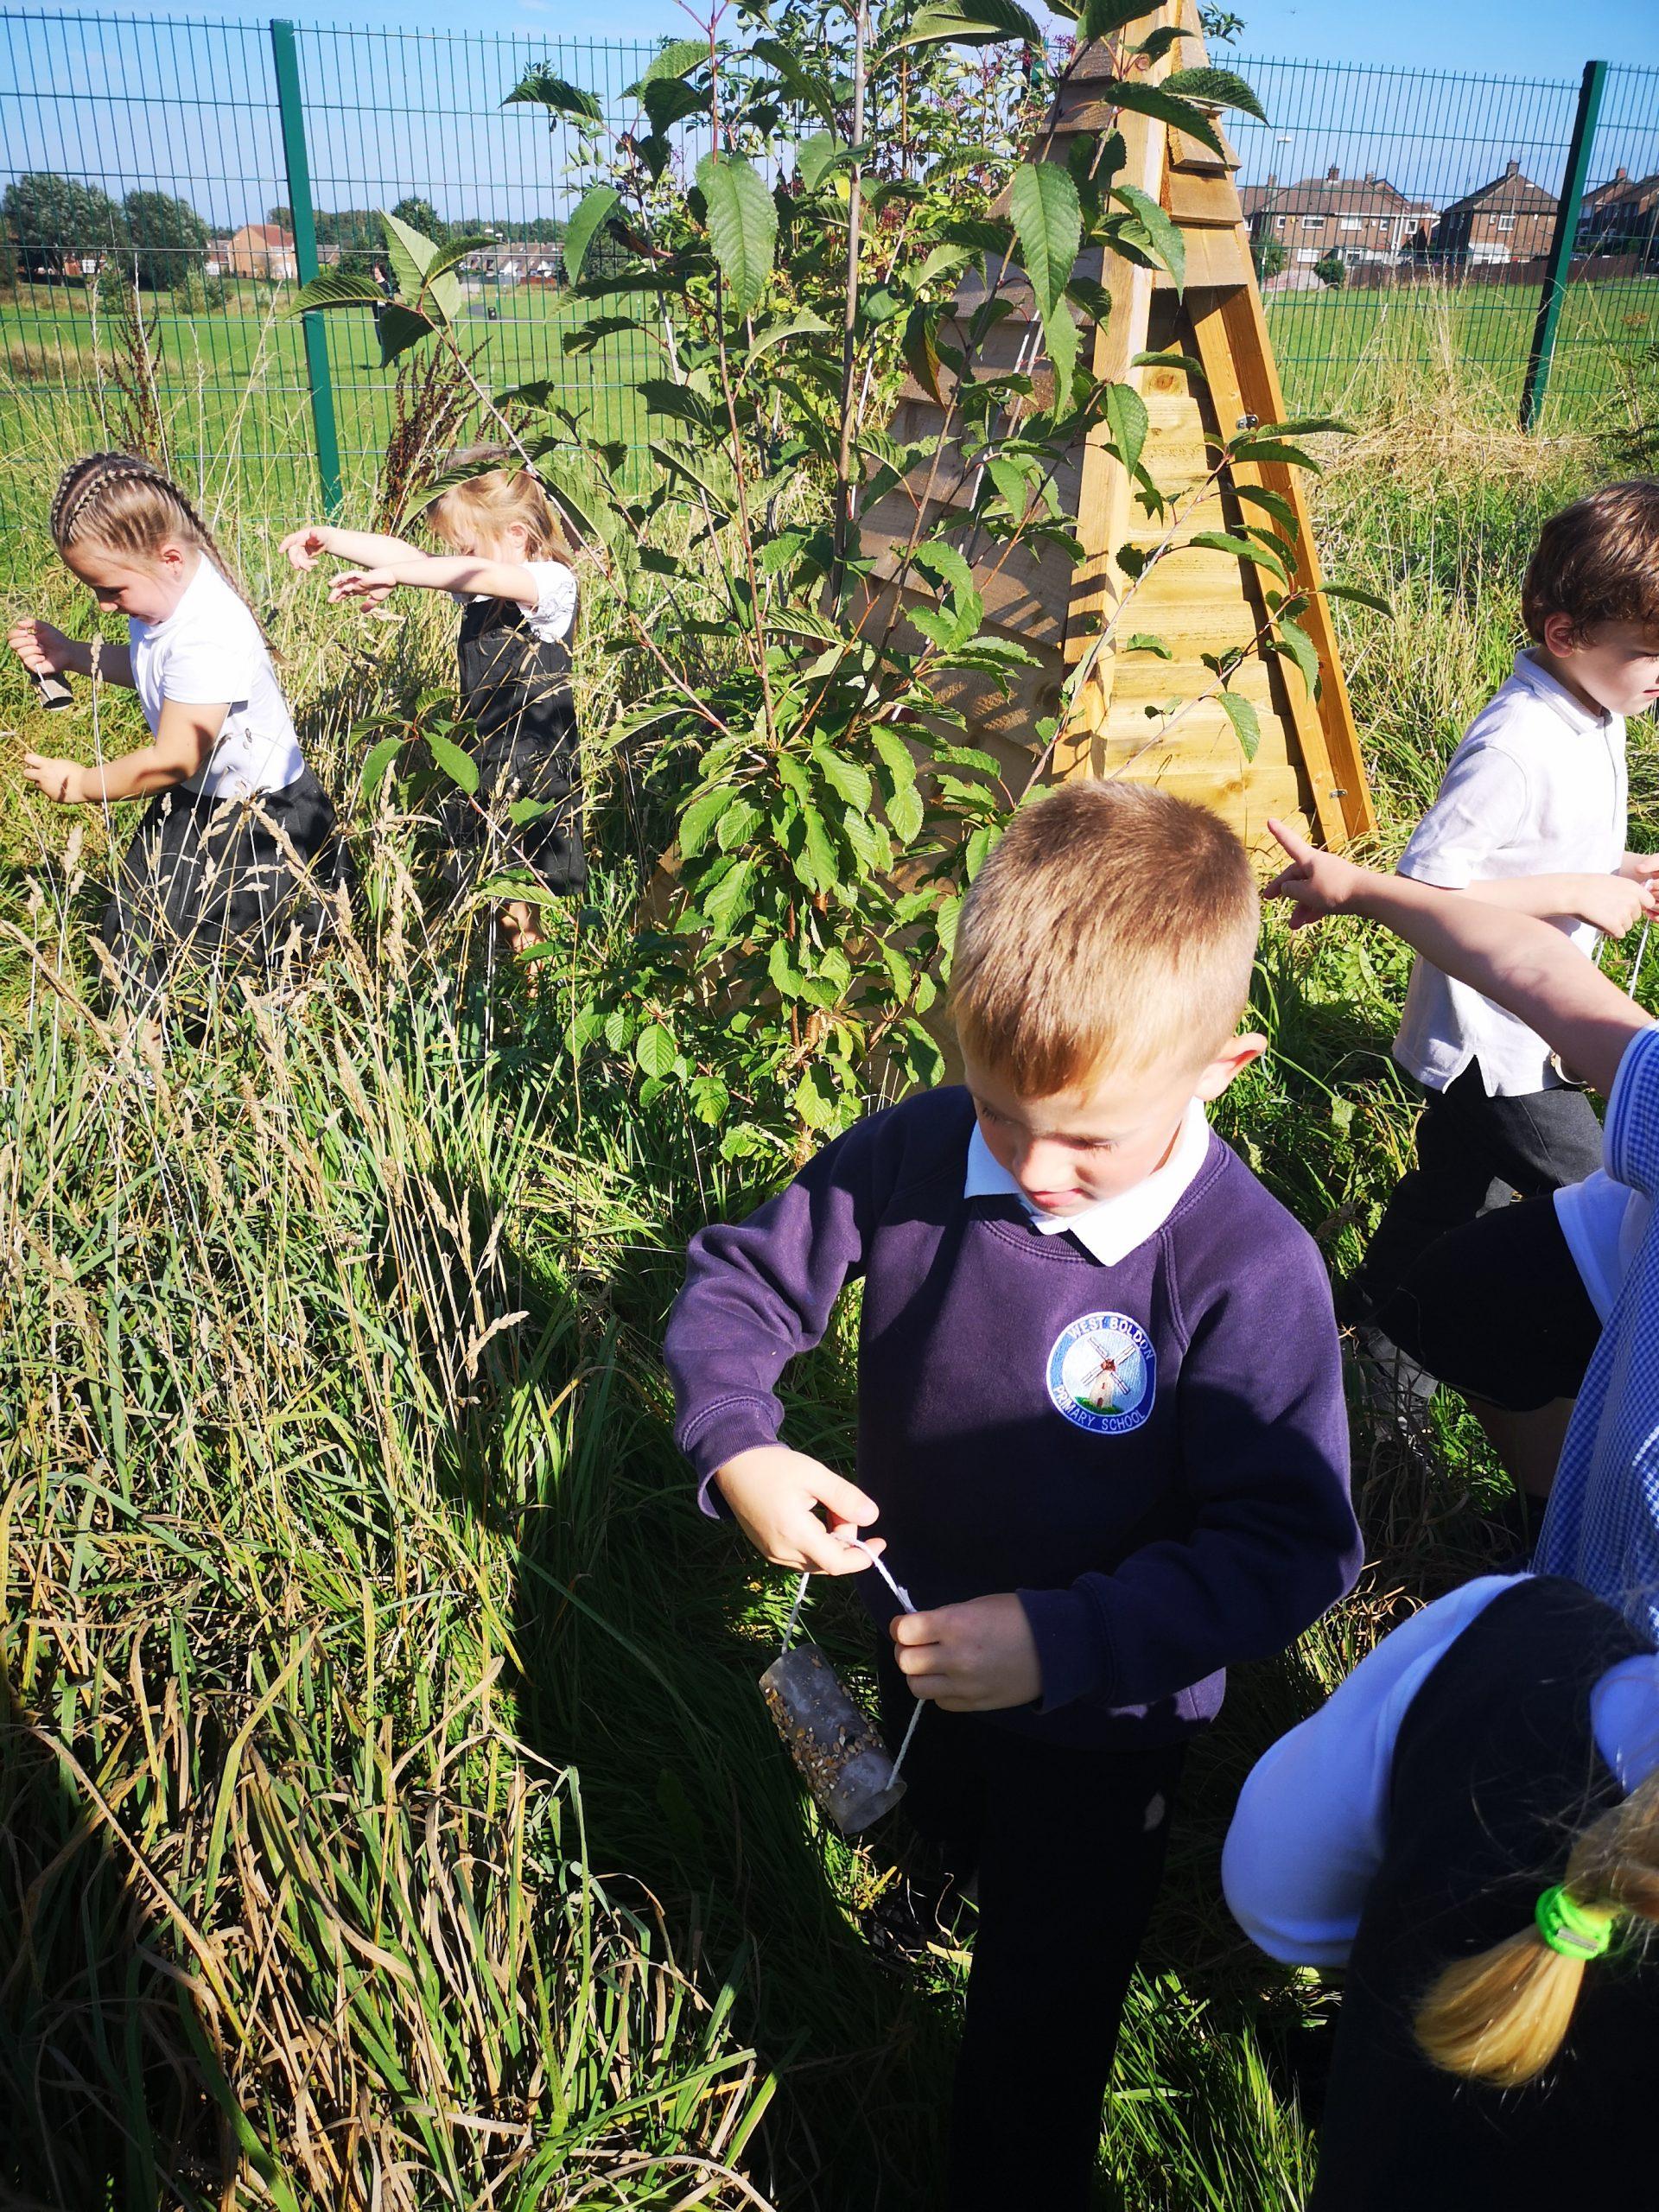 Year 1 children hanging their bird feeders